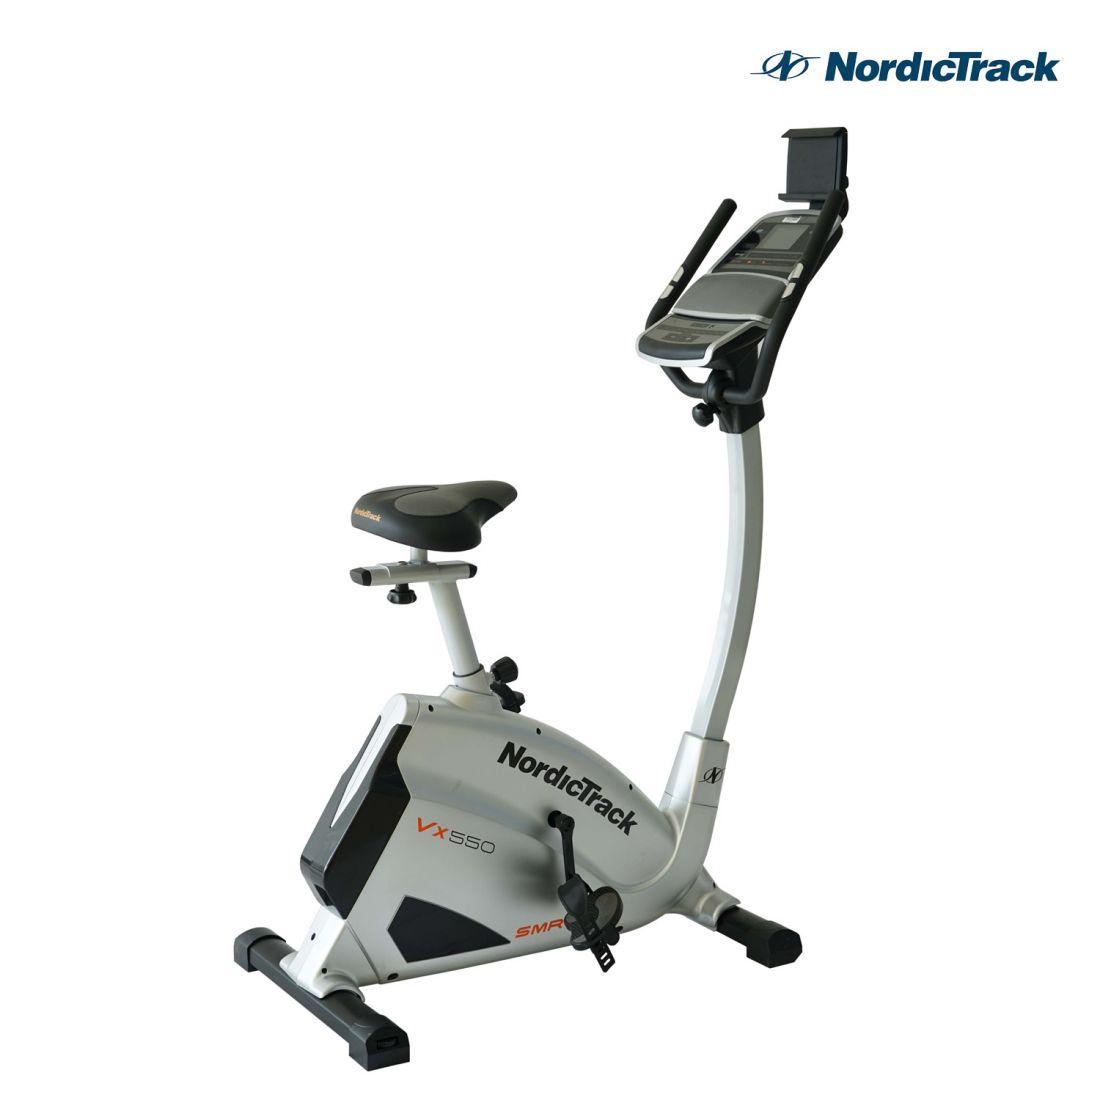 Велотренажер - NordicTrack VX550